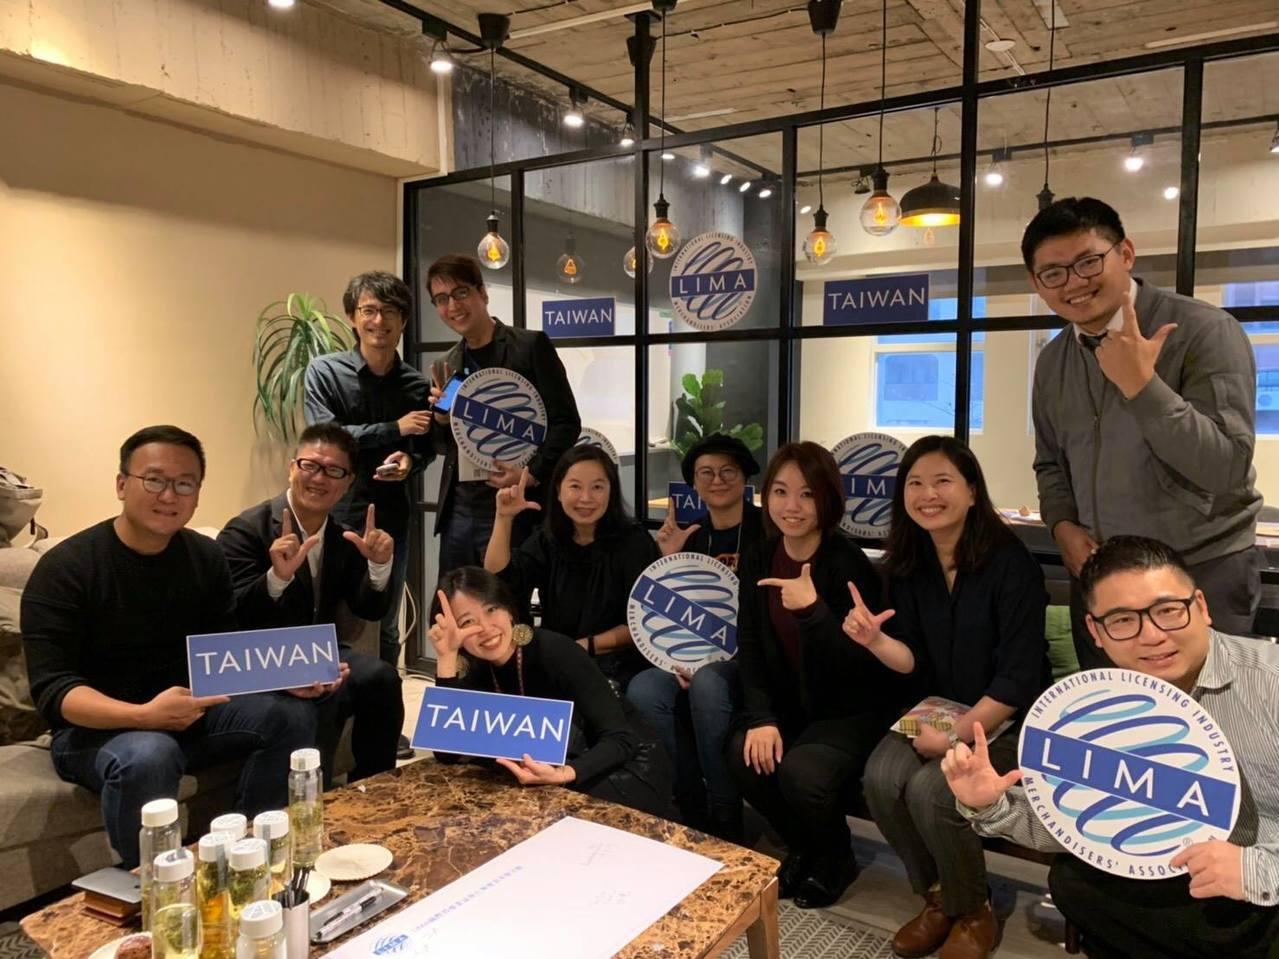 國際授權業協會台灣代表處於上月12日匯集台灣區會員進行交流茶會。